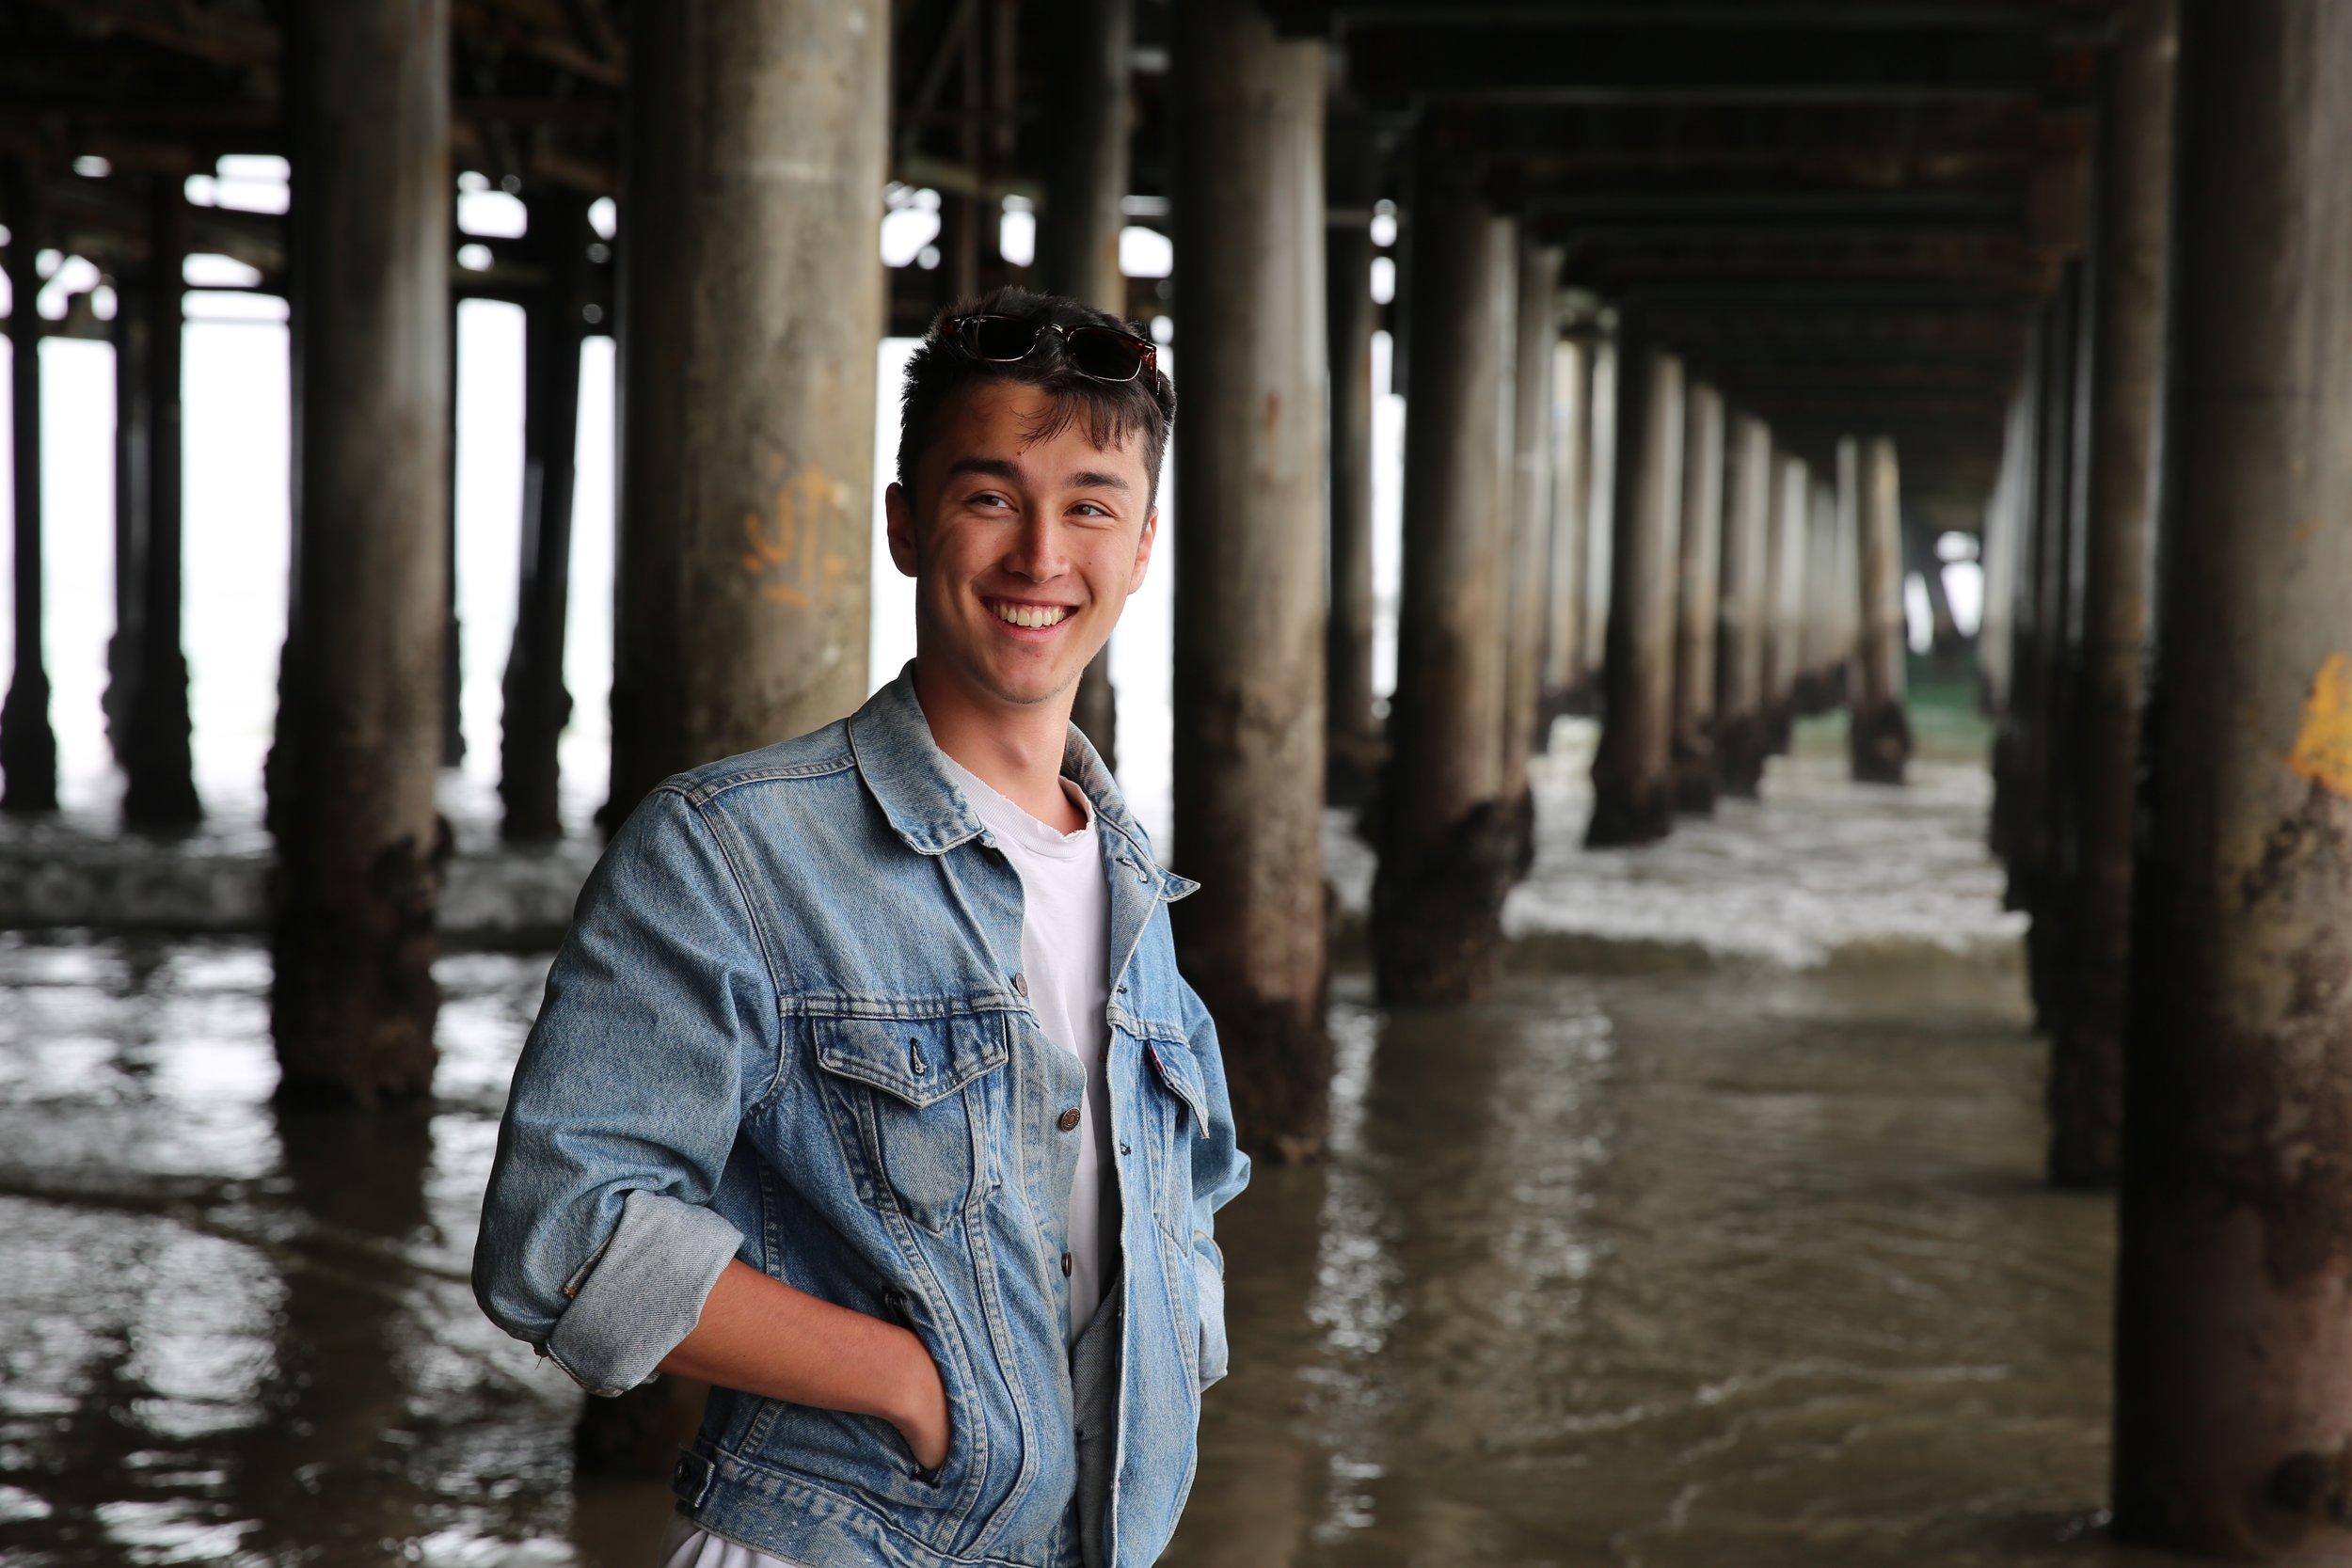 Thomas - Santa Monica Pier